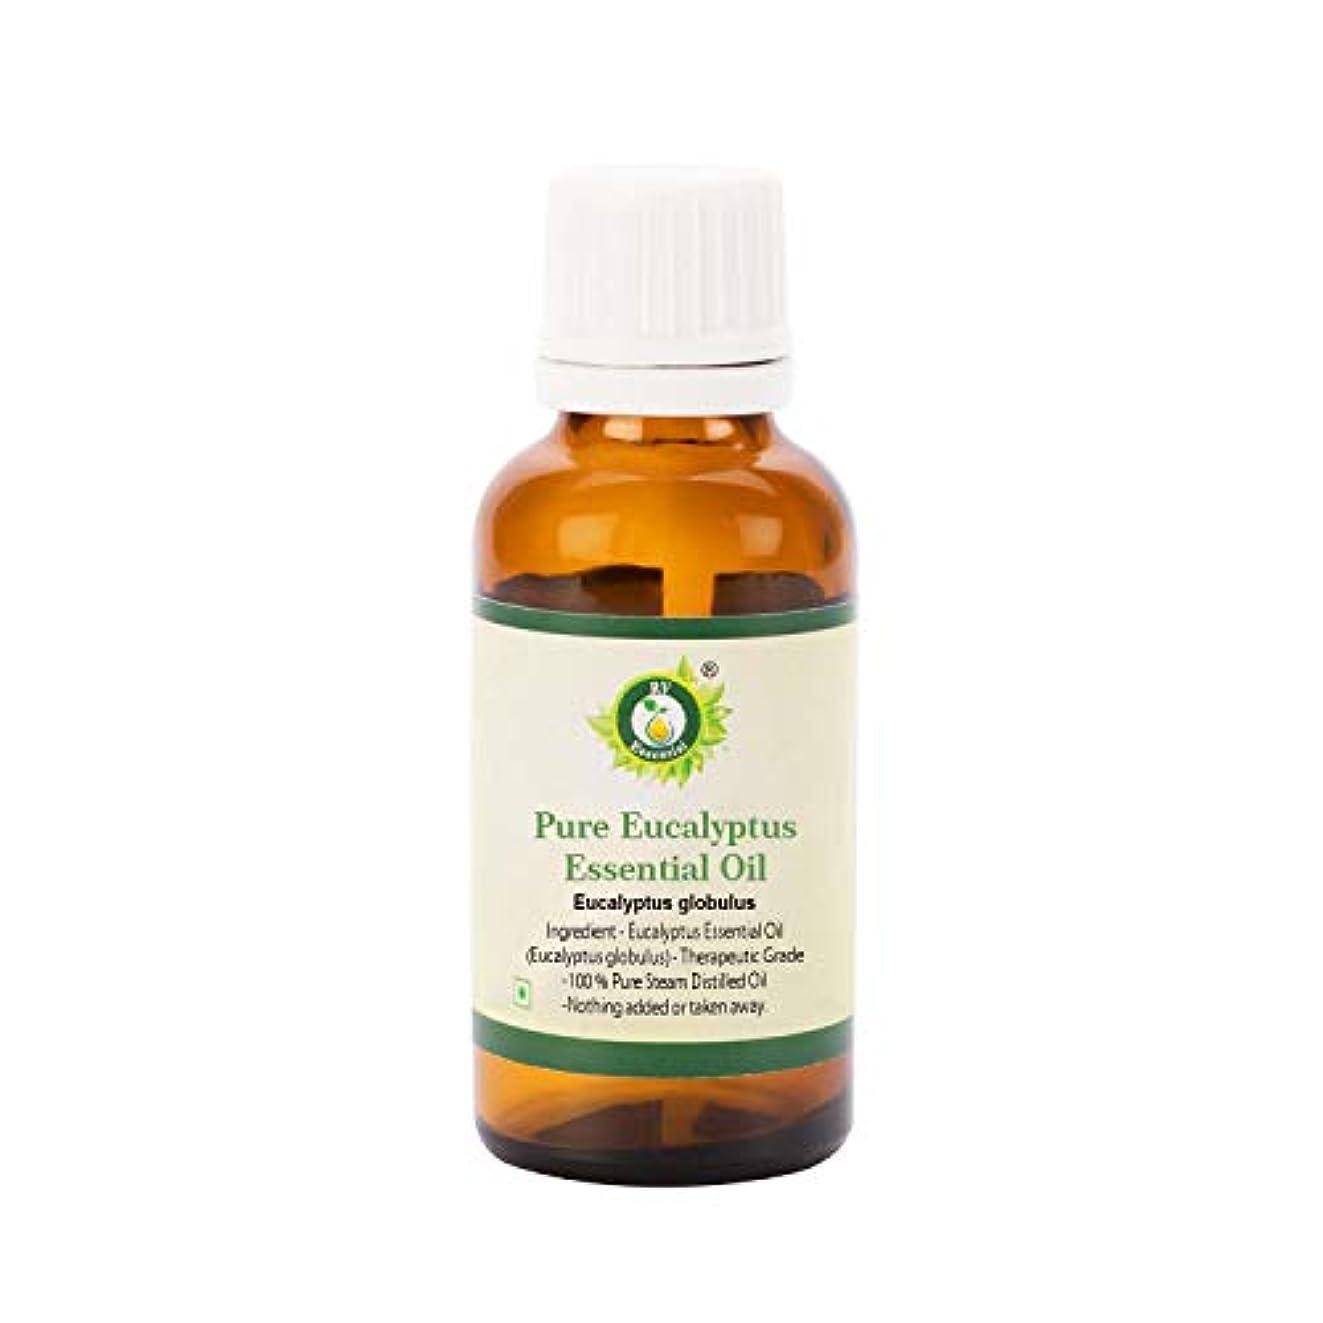 オーバーコート自殺秘密のR V Essential ピュアユーカリエッセンシャルオイル100ml (3.38oz)- Eucalyptus globulus (100%純粋&天然スチームDistilled) Pure Eucalyptus Essential...